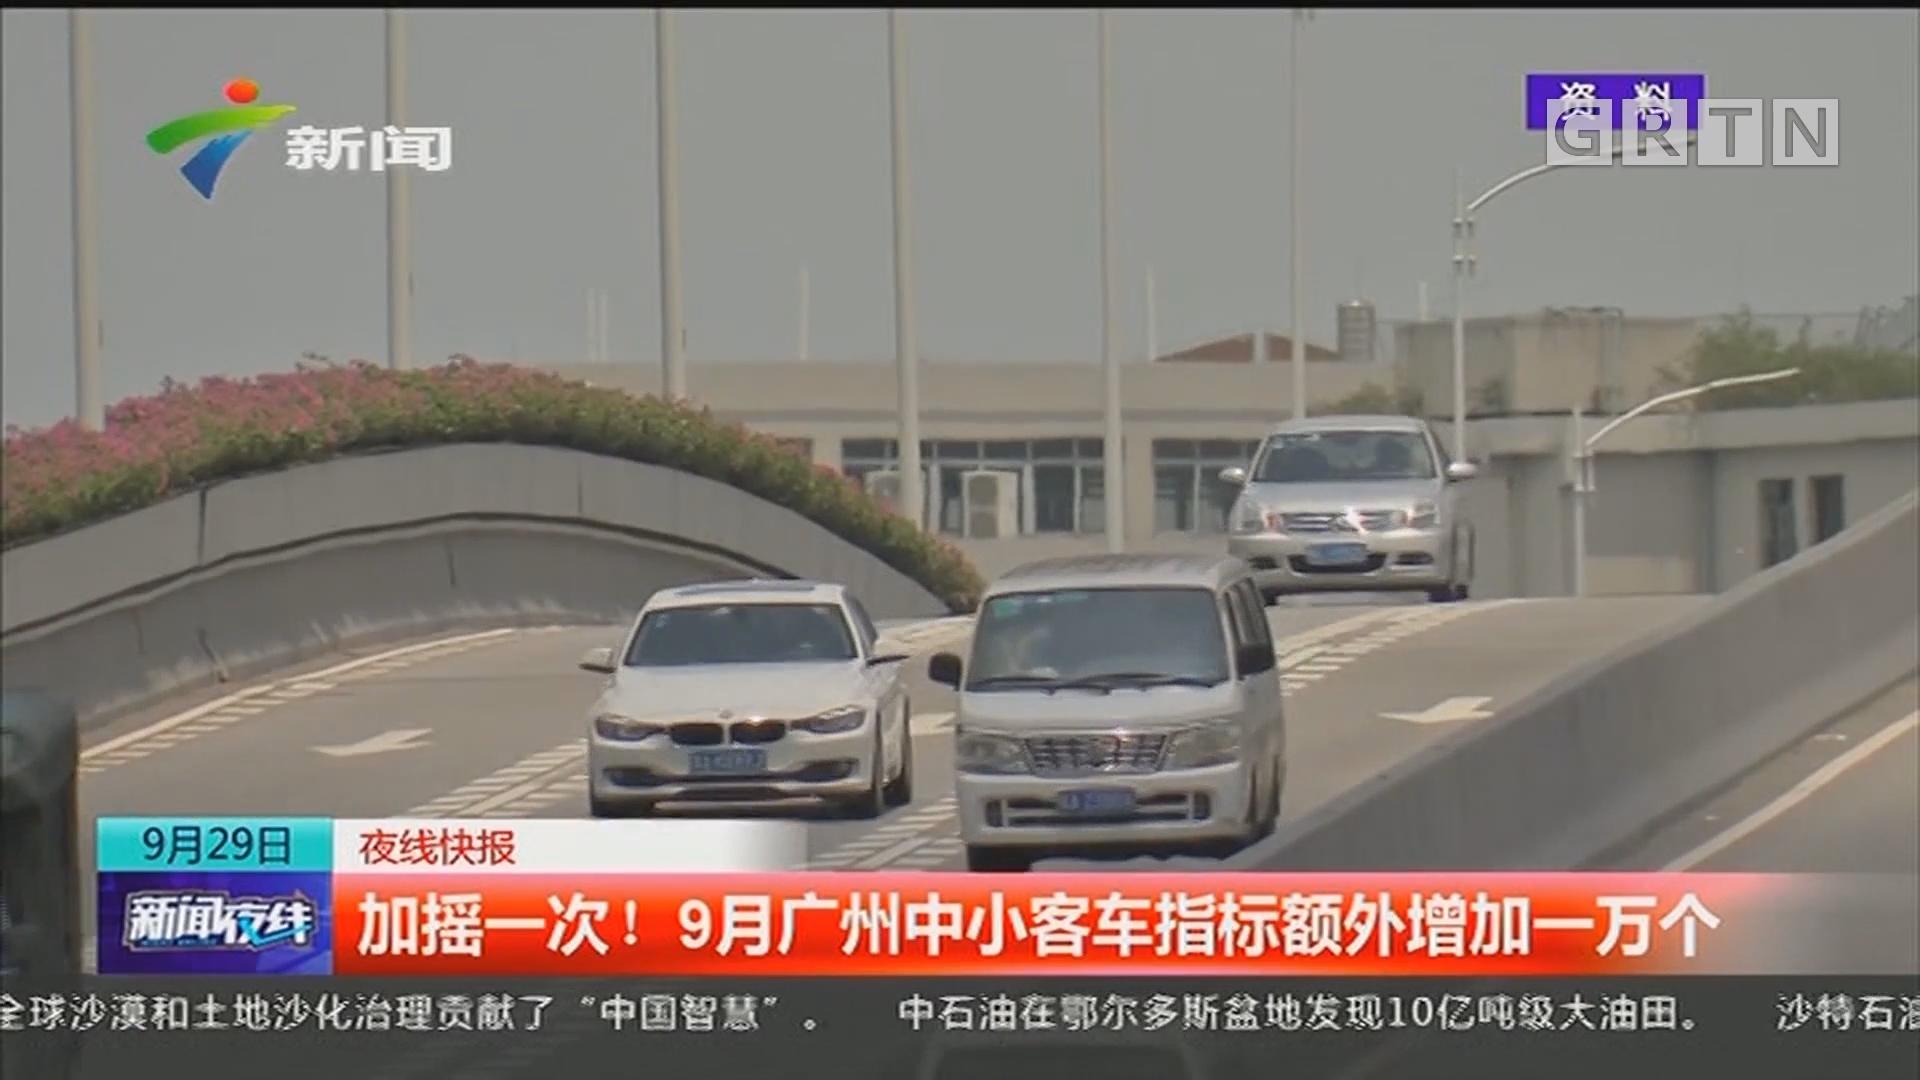 加摇一次!9月广州中小客车指标额外增加一万个